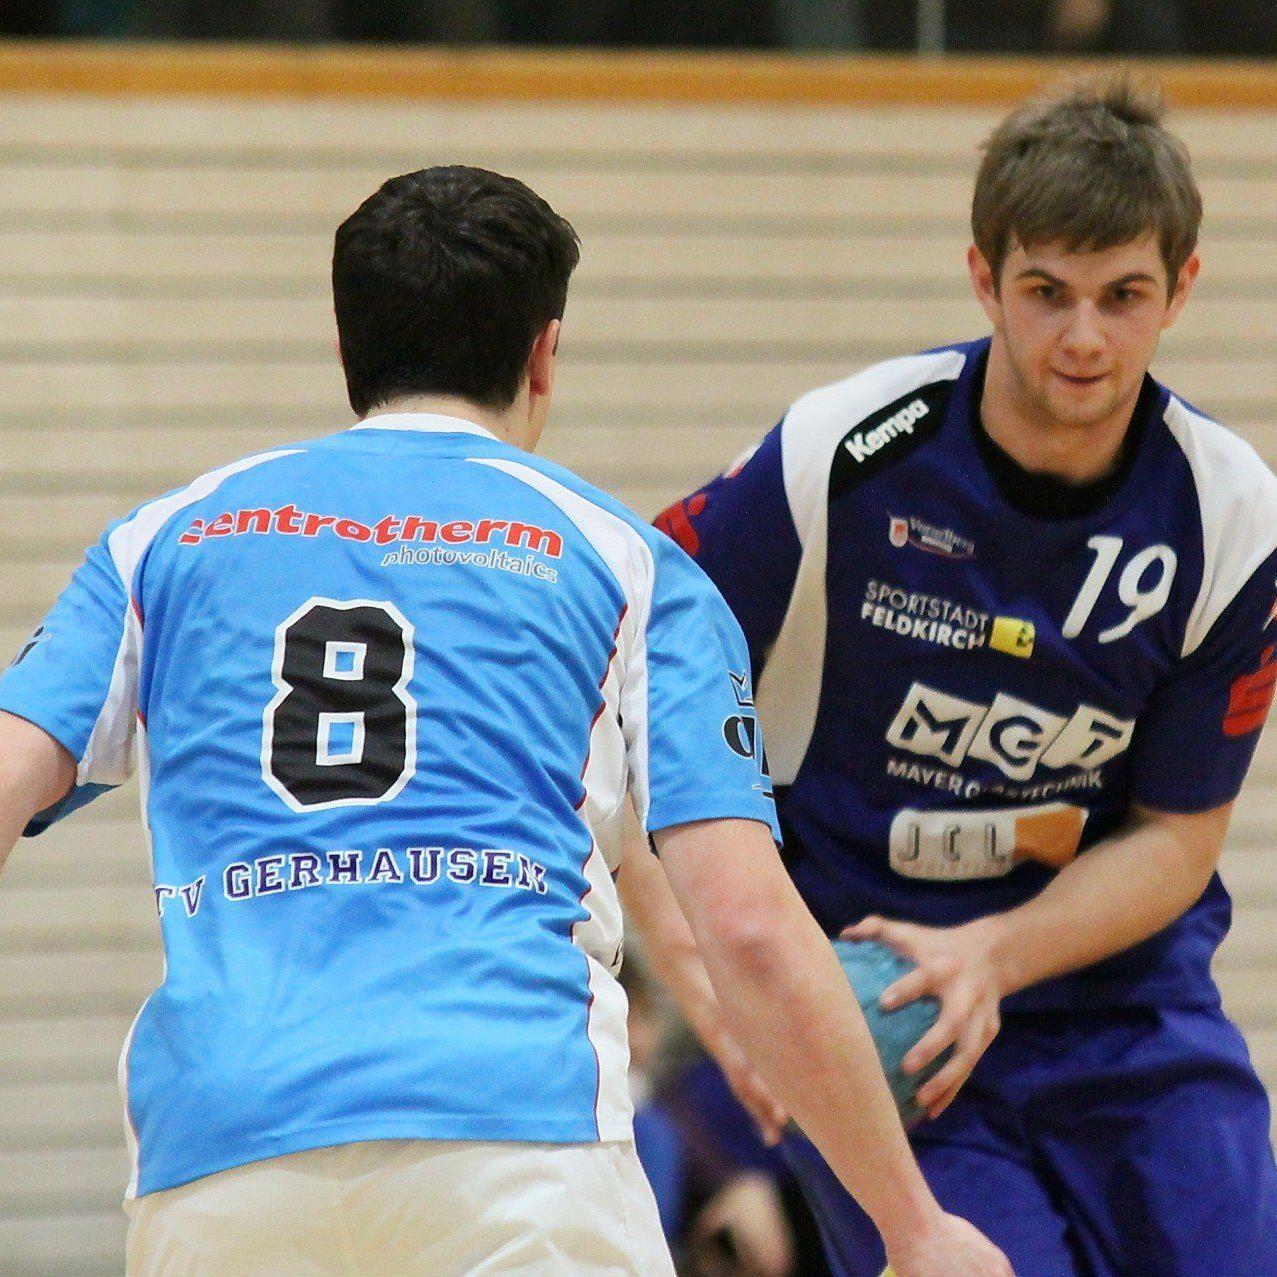 Feldkirchs Handballer siegten in Deutschland